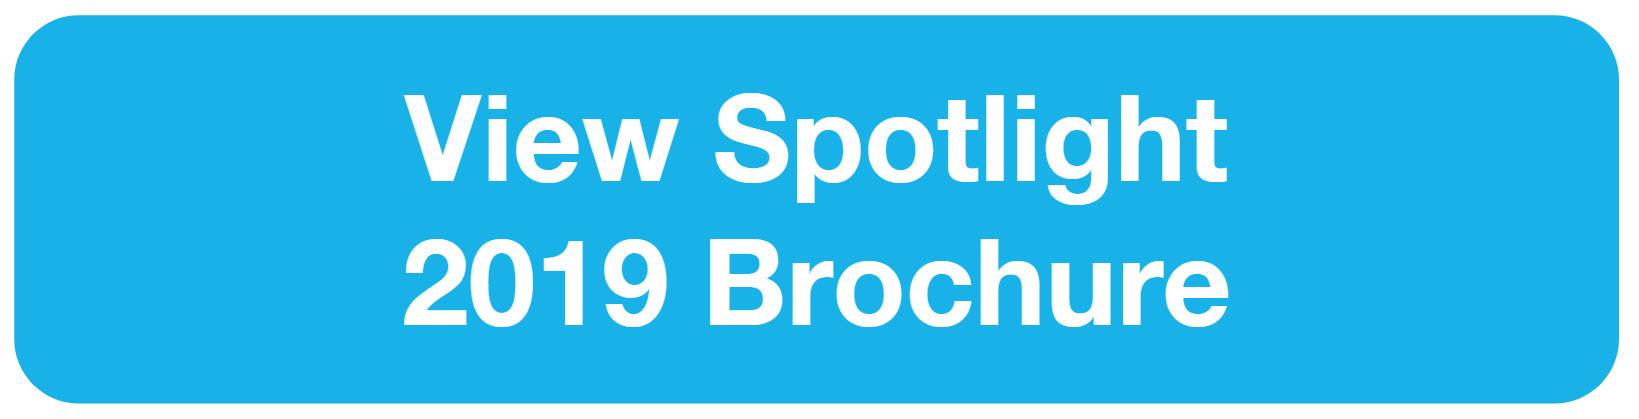 Spotlight Brochure